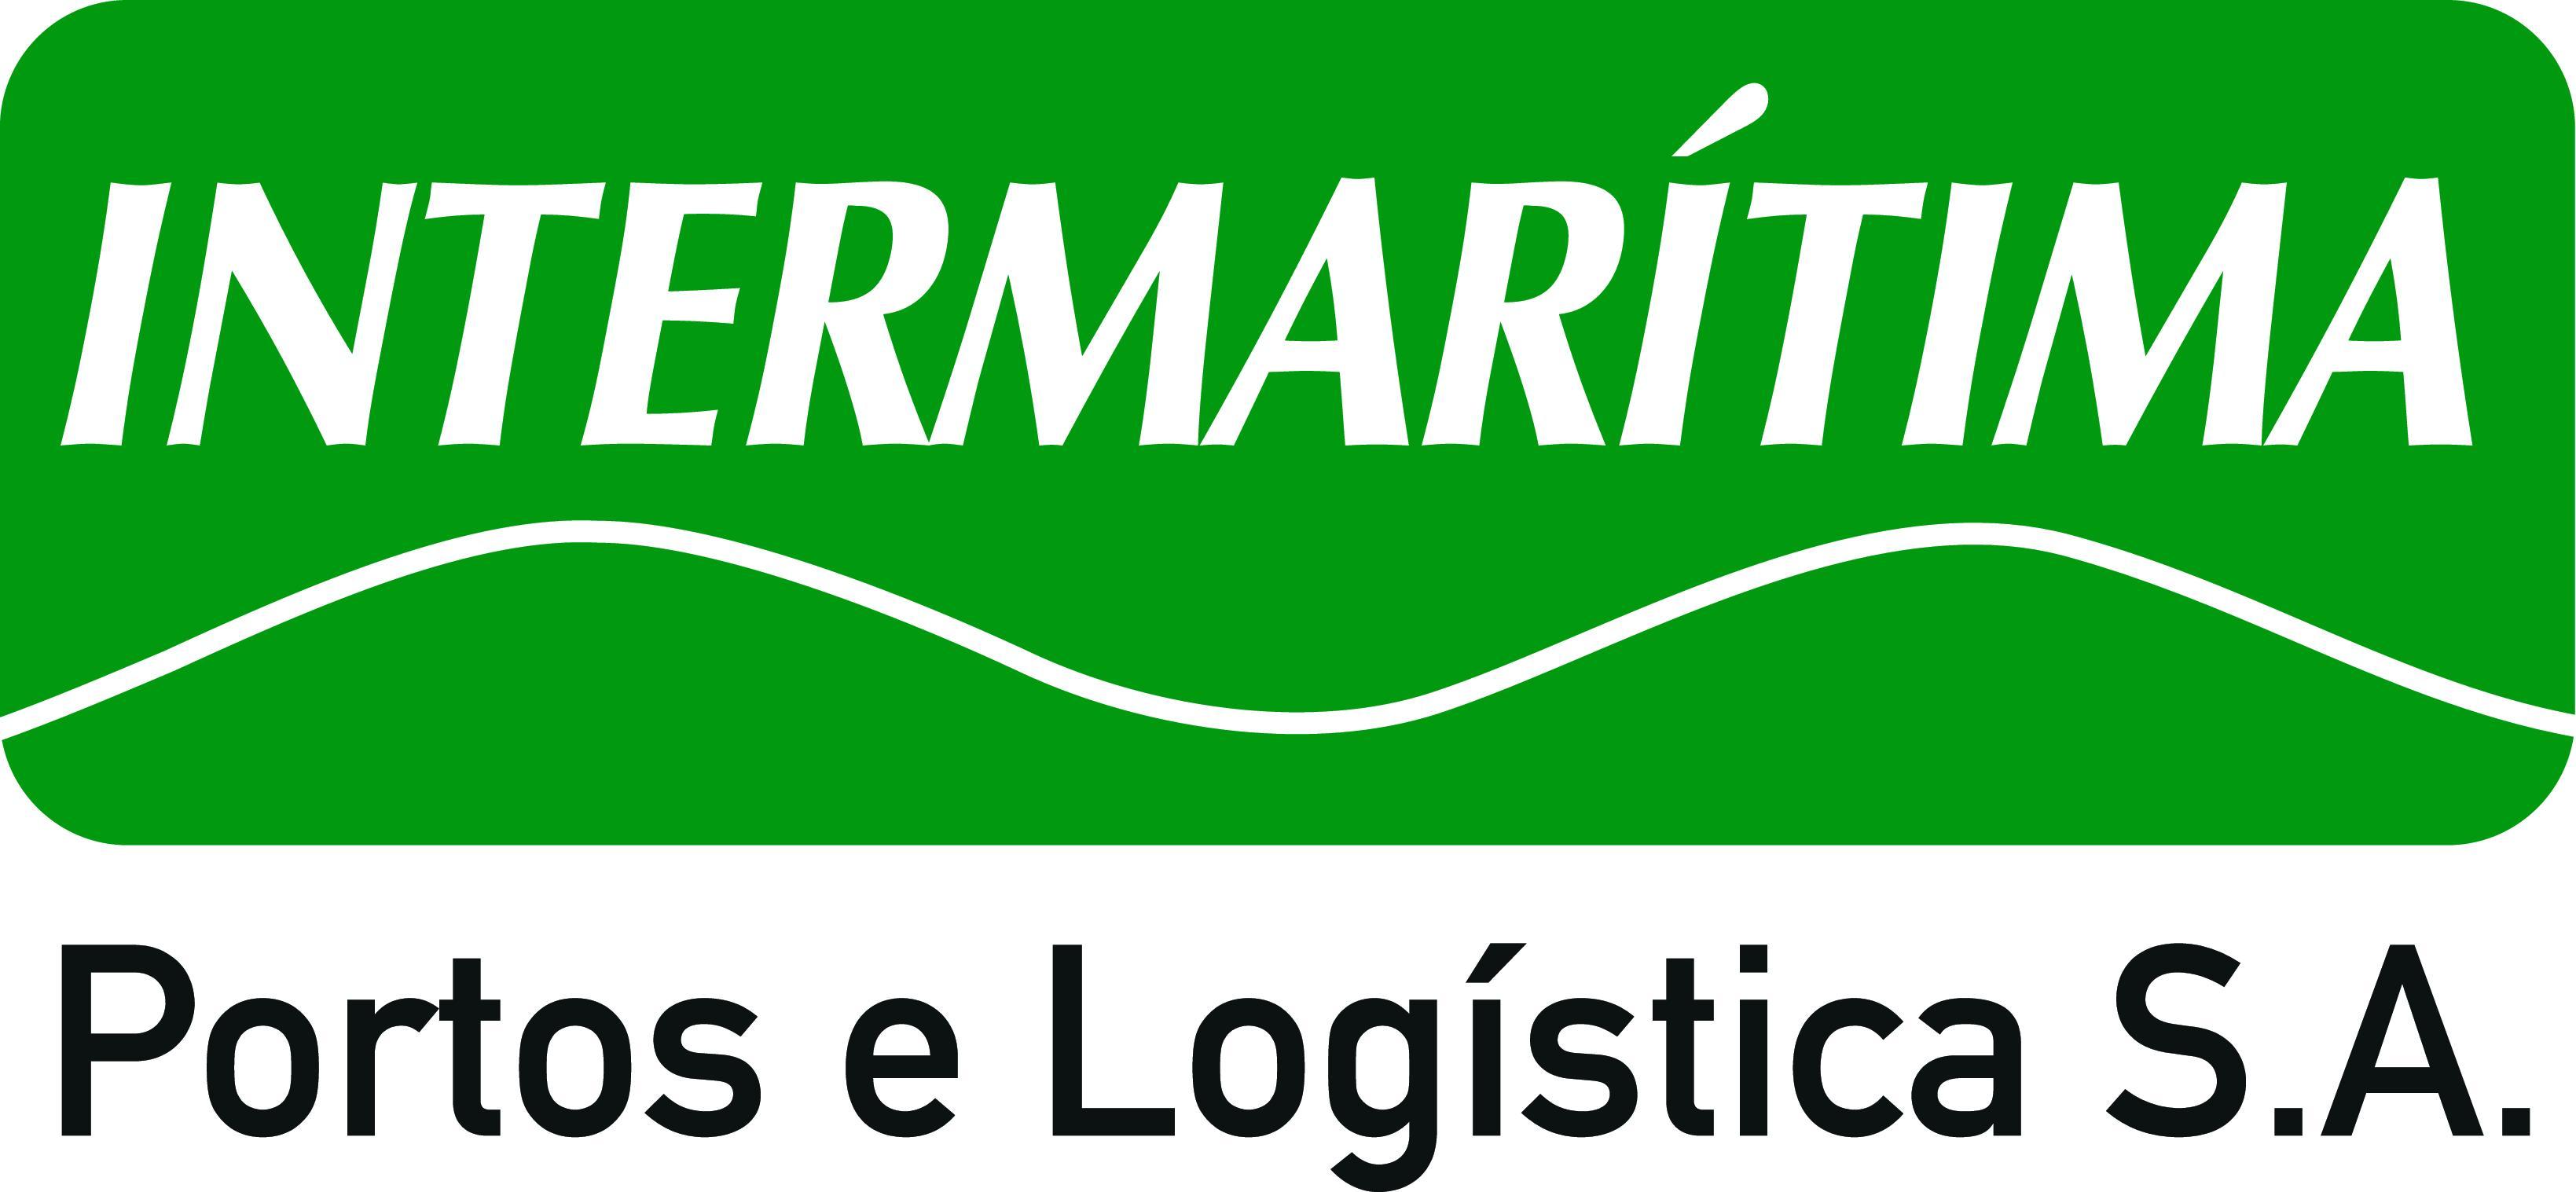 Intermarítima Portos e Logística S/A